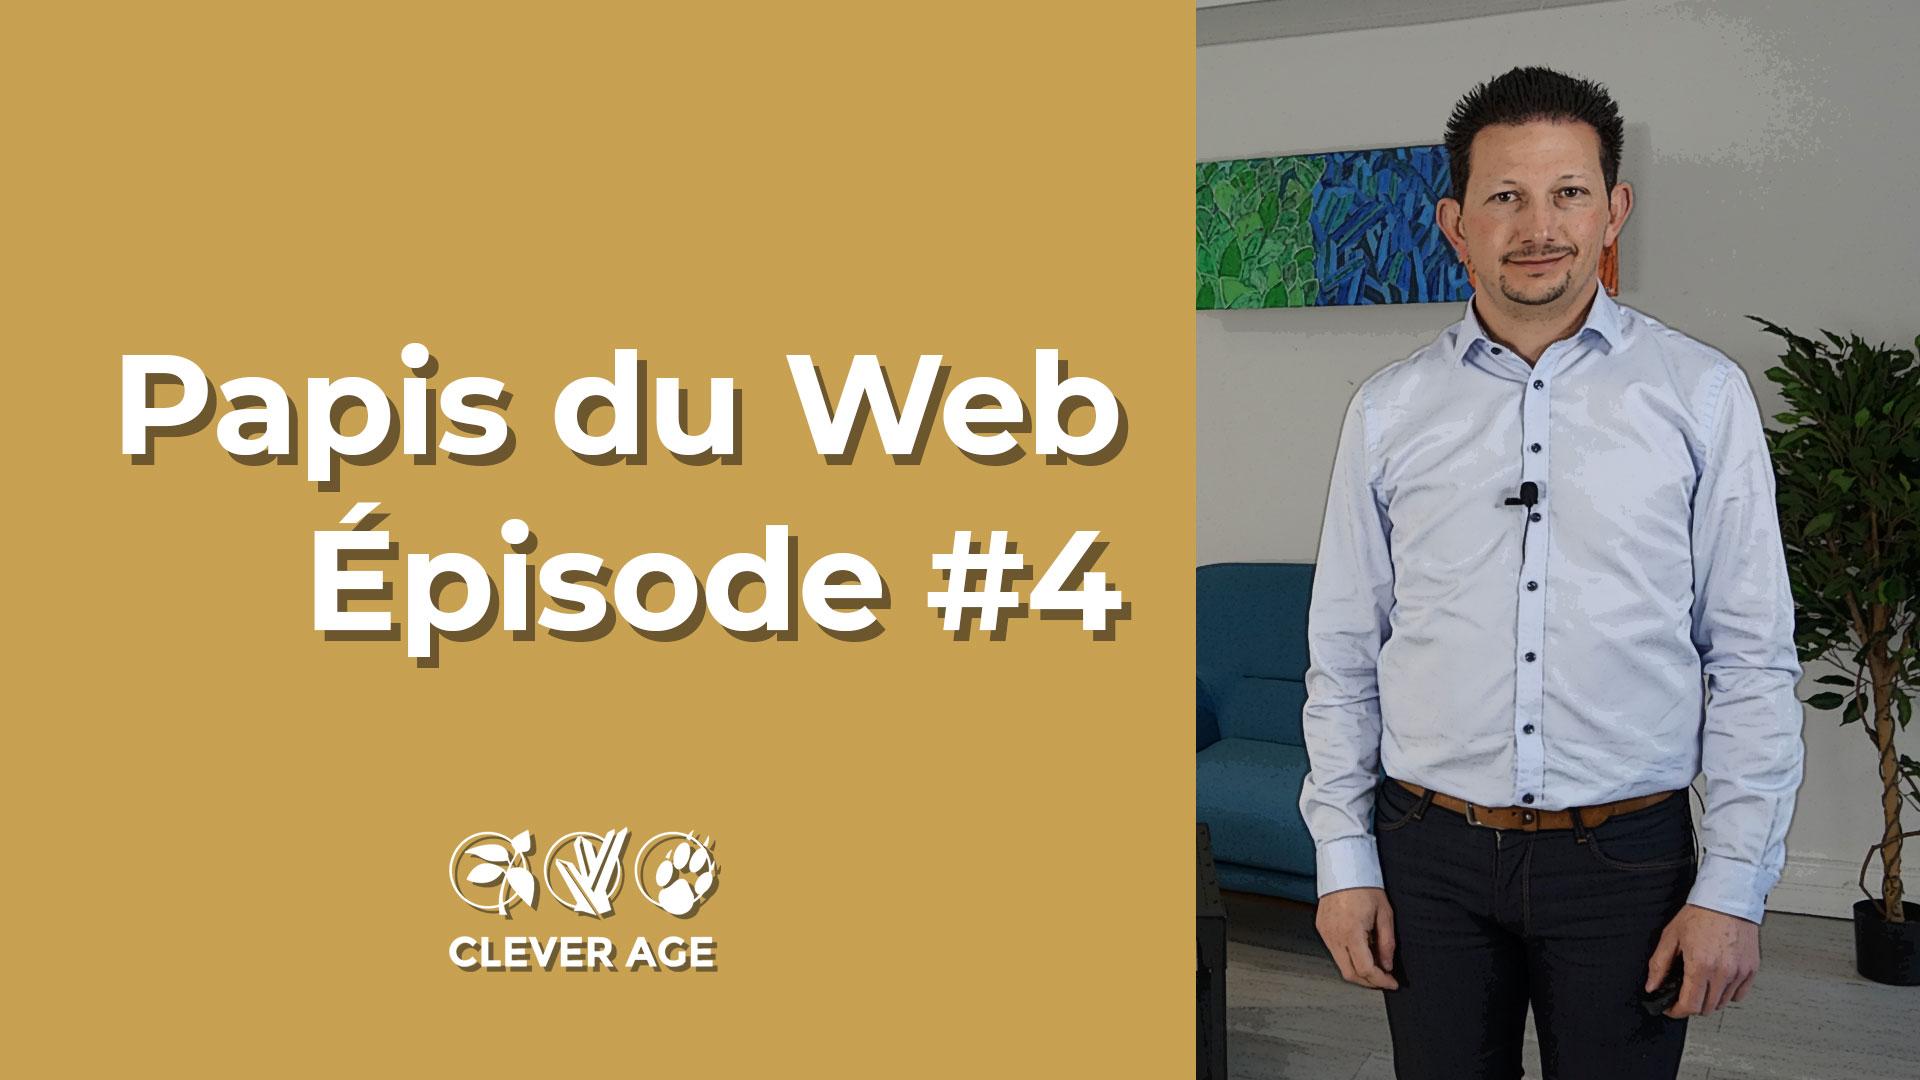 papis du web 4